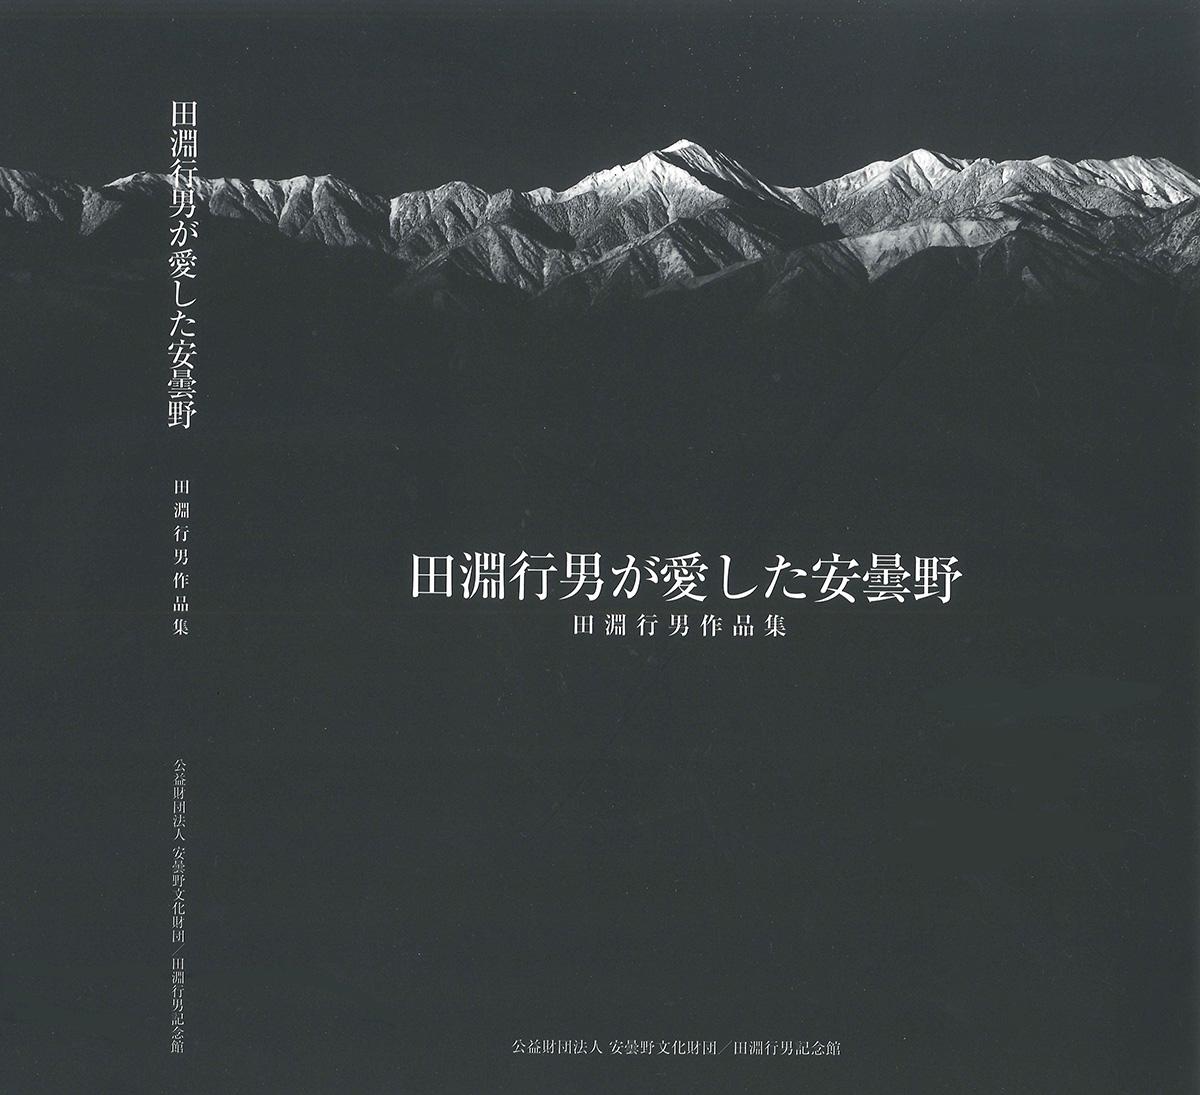 『田淵行男作品集 田淵行男が愛した安曇野』